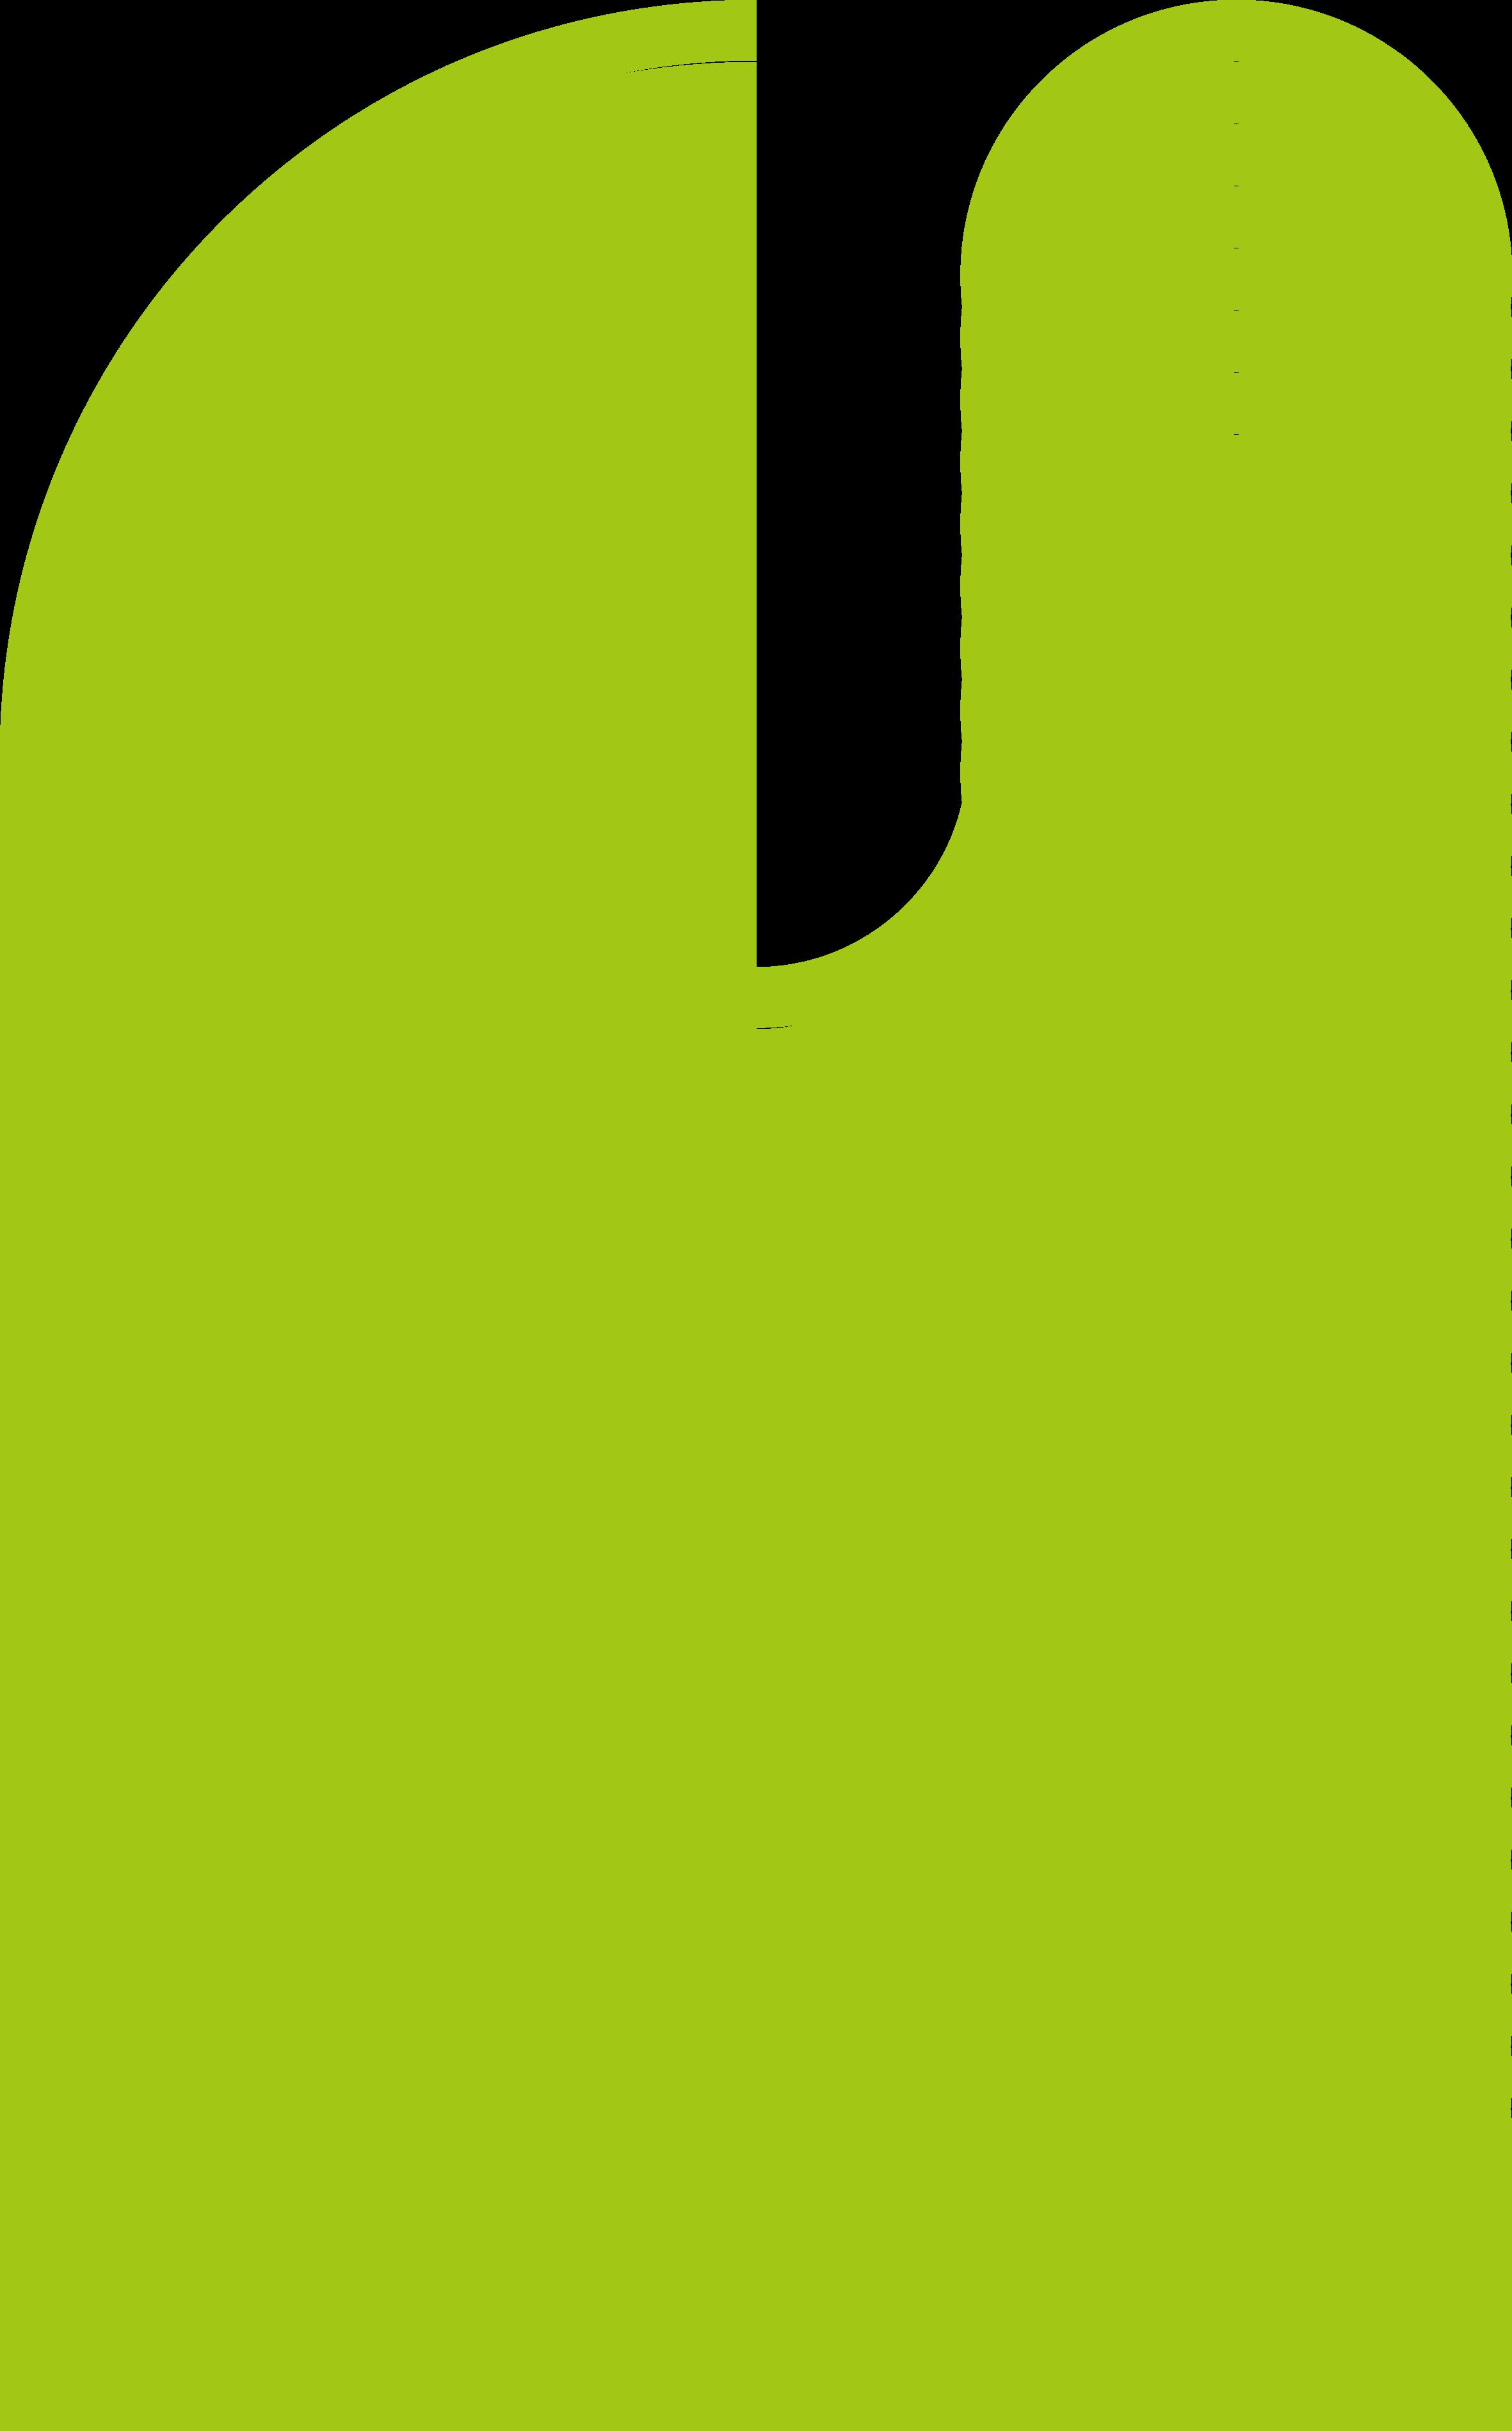 Goethe_Insstitut_Logo_vertical_green_sRGB